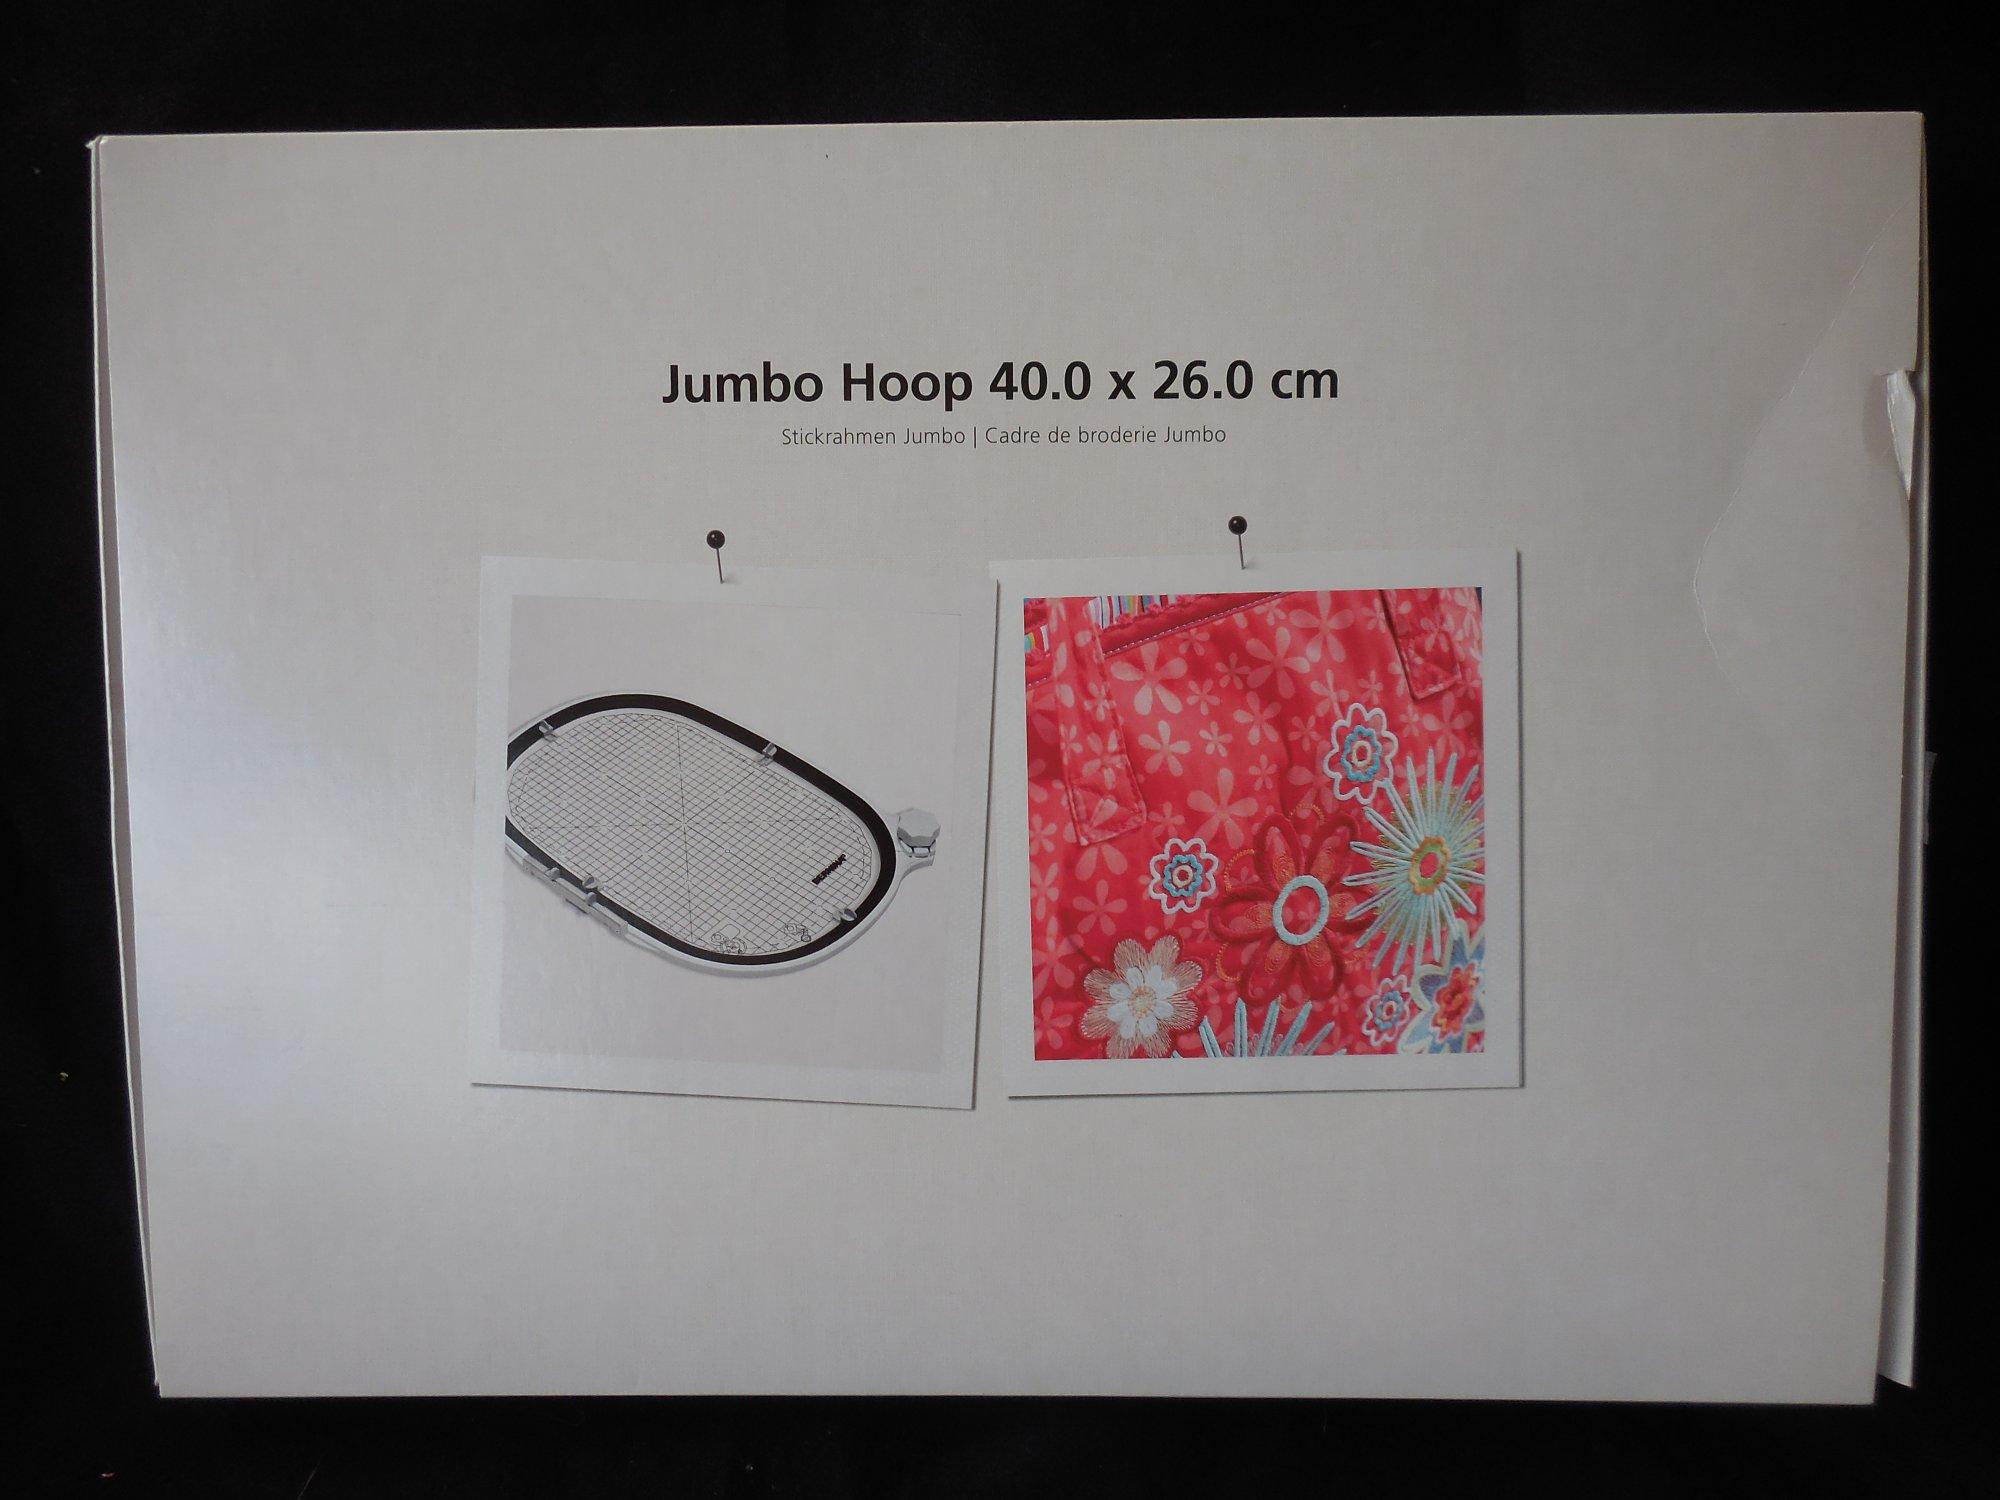 Jumbo Hoop